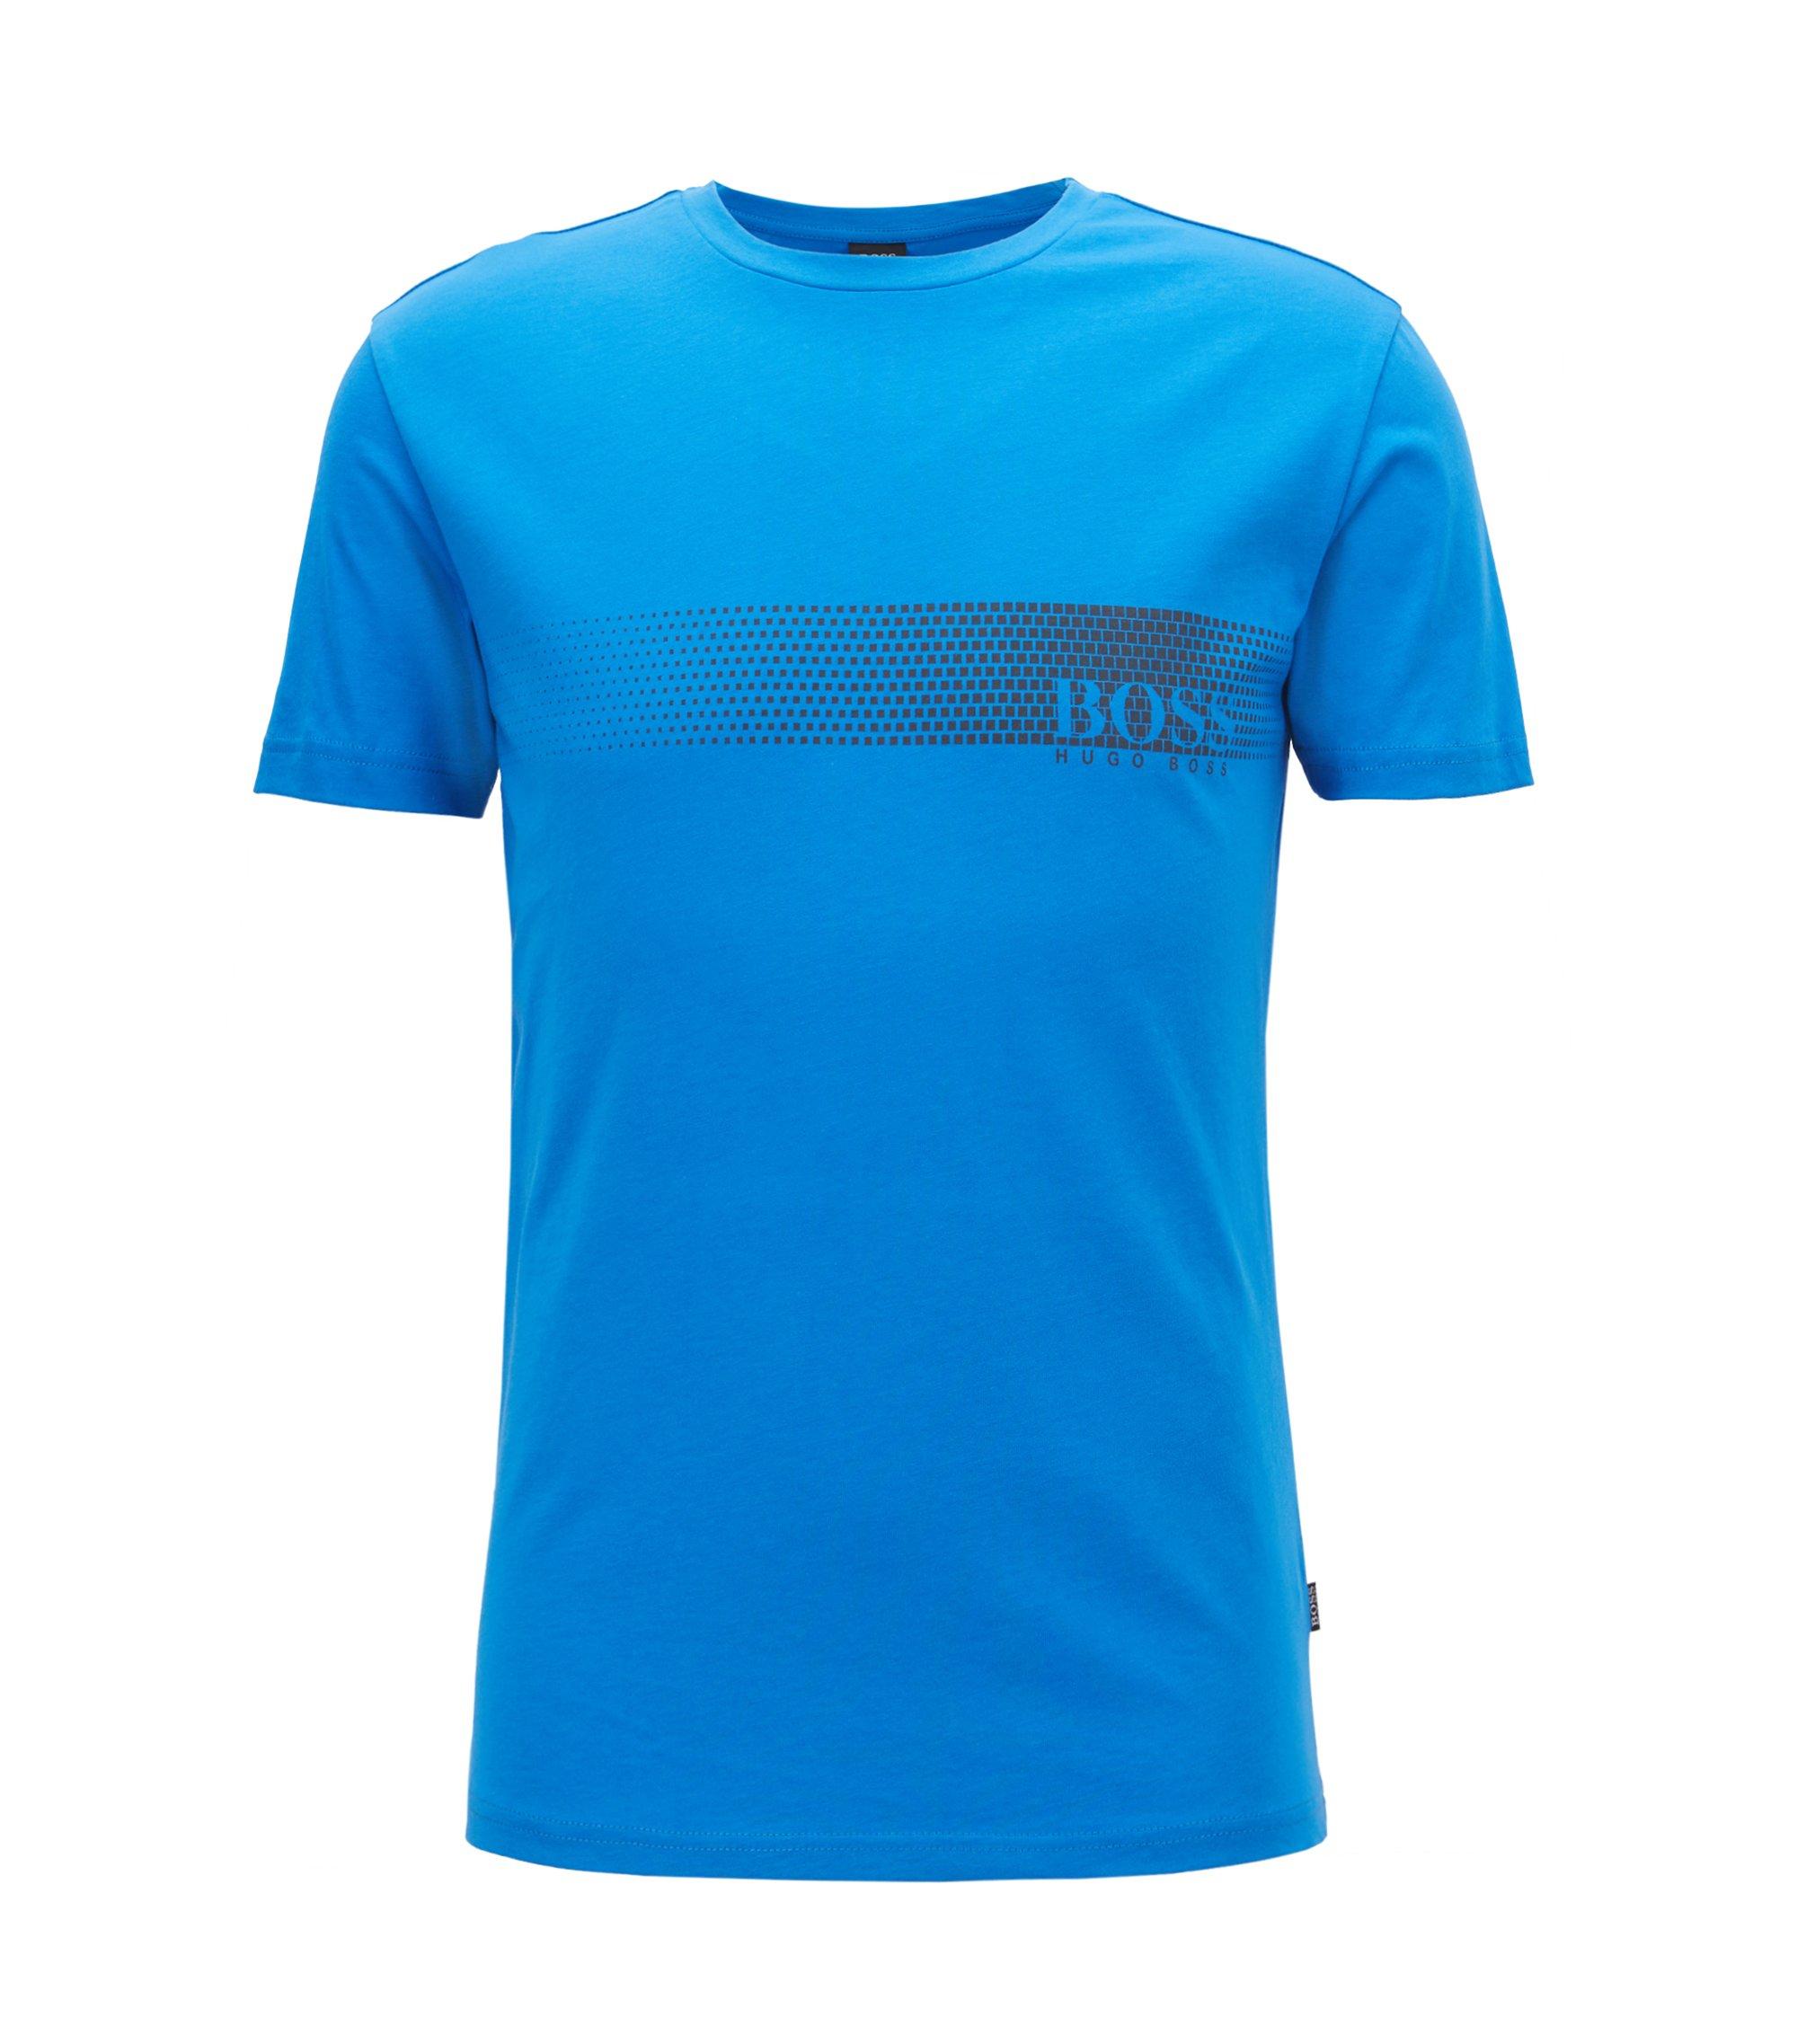 T-Shirt aus Baumwolle mit Logo-Print und Sonnenschutz, Blau